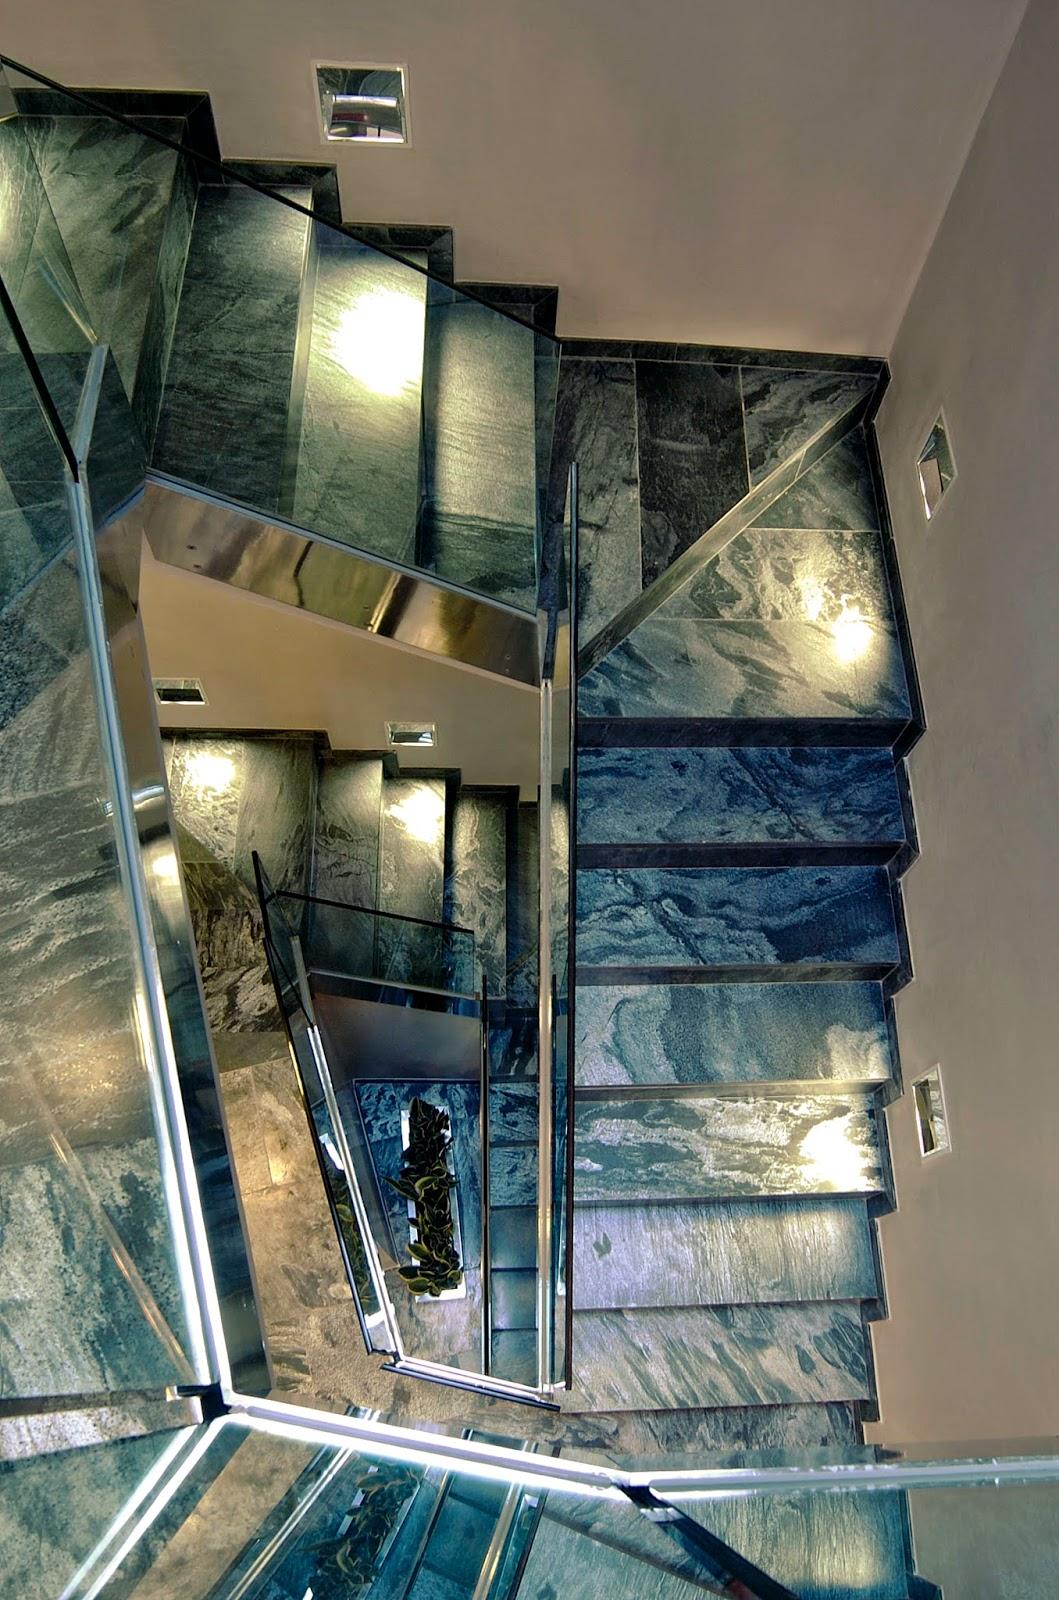 Dise o de fachada e interiorismo en varias sucursales de for Diseno arquitectonico e interiorismo